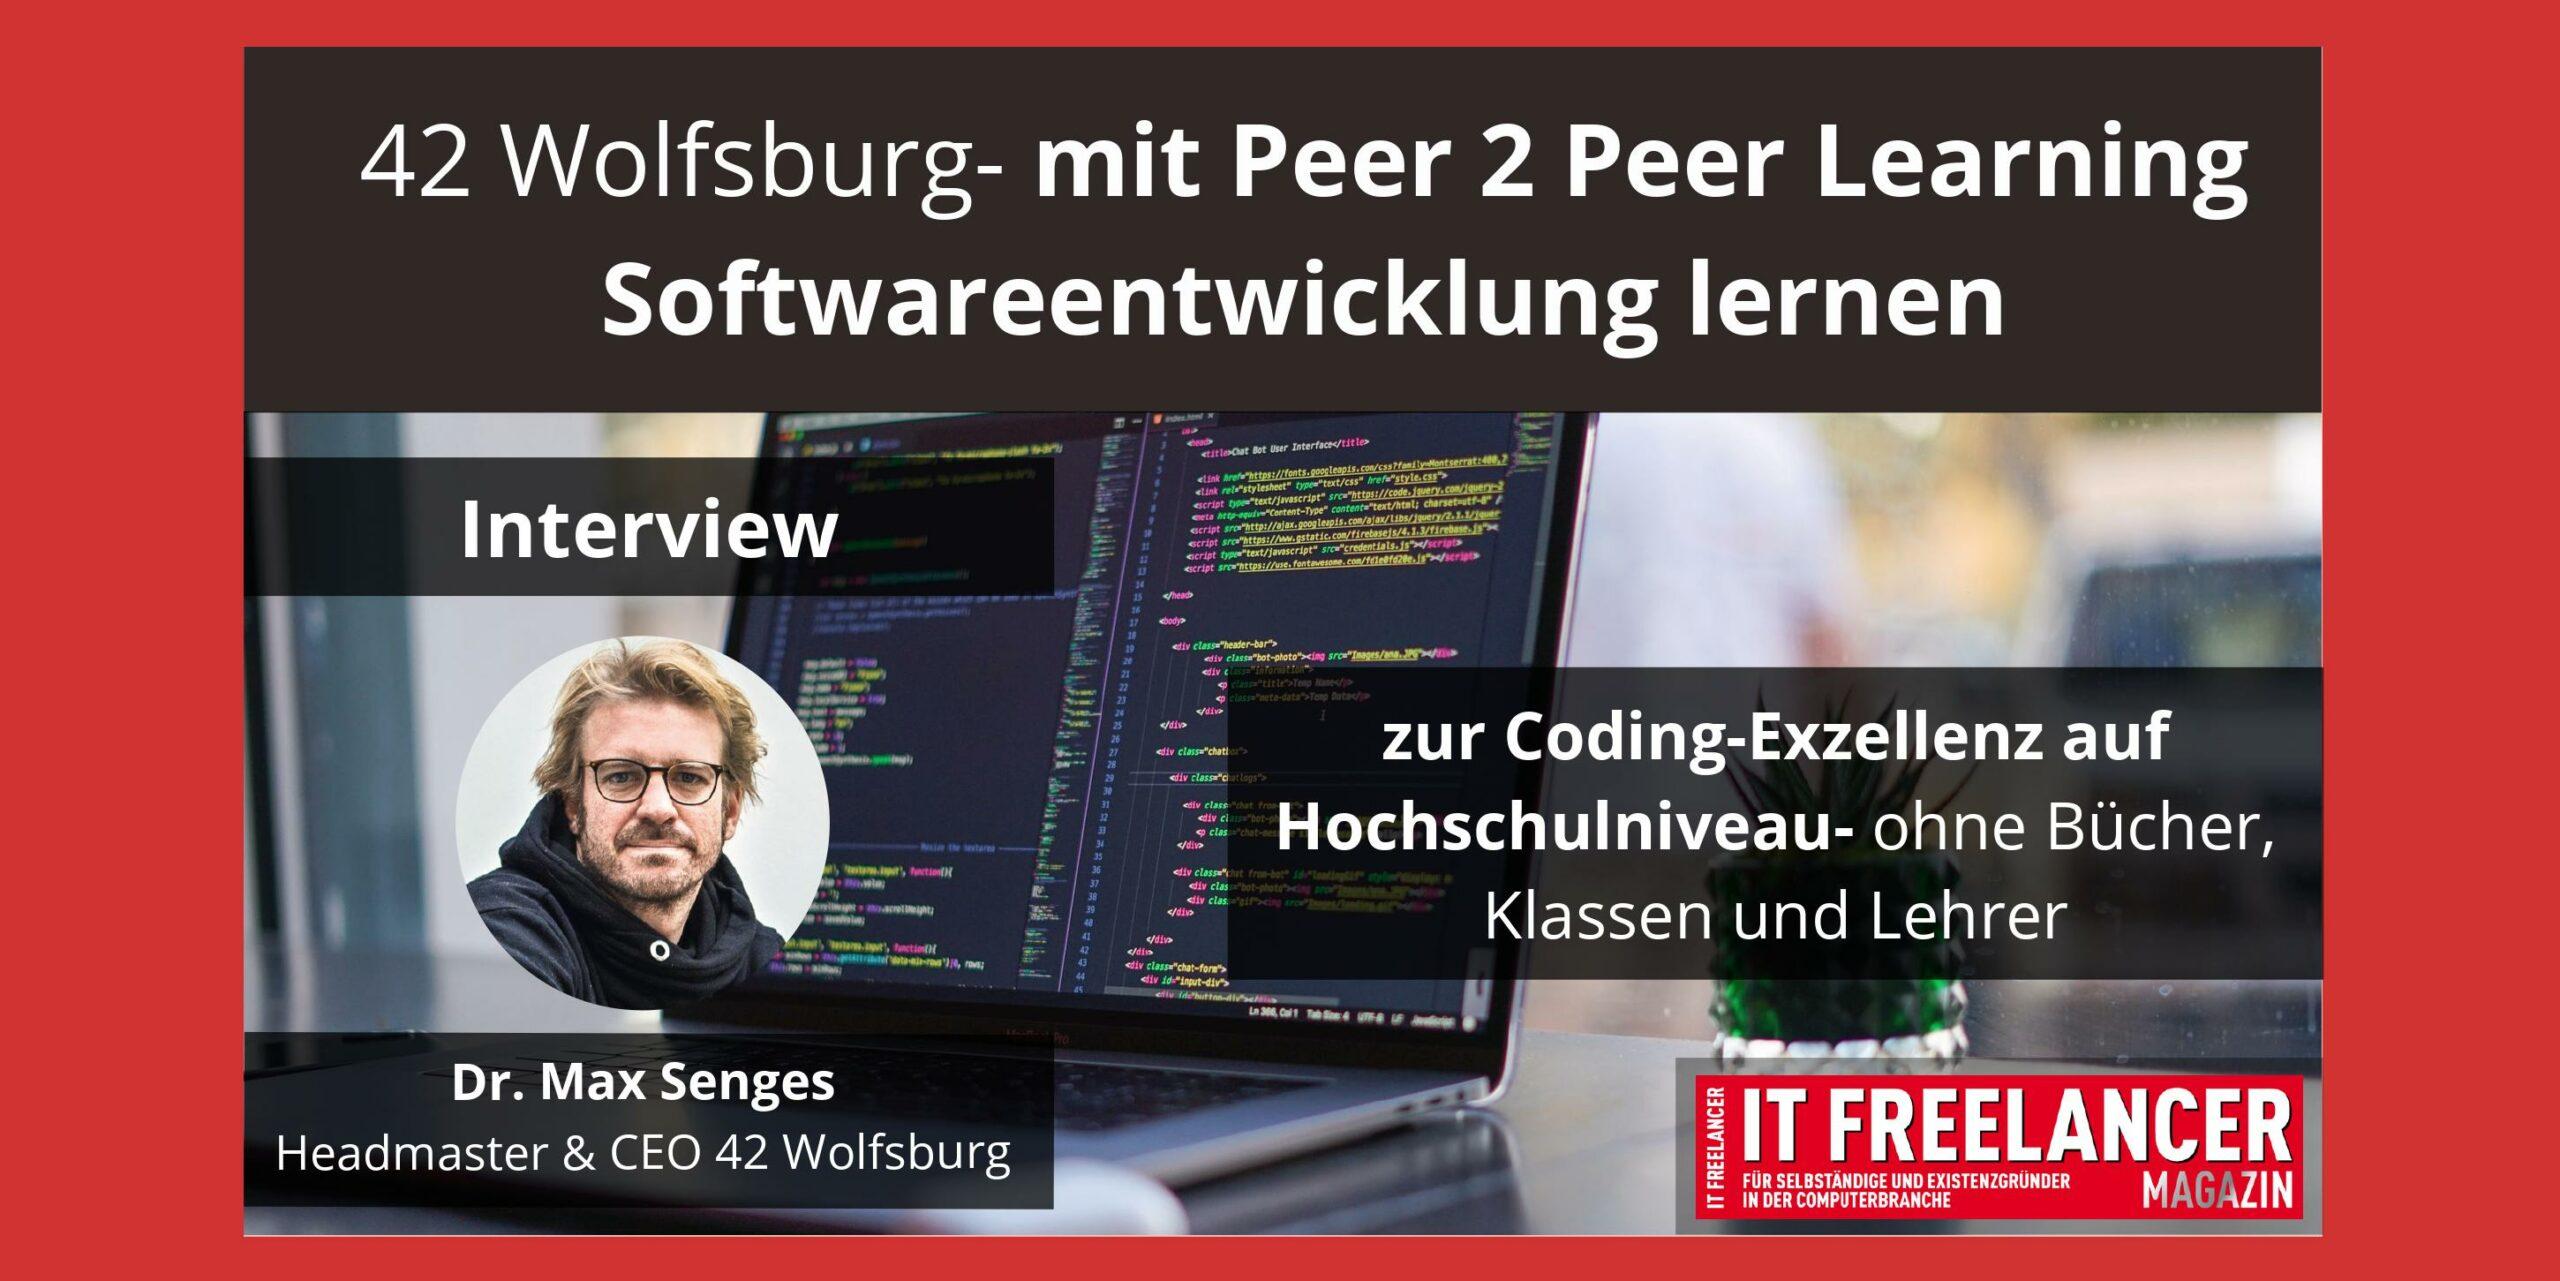 42 Wolfsburg- Interview mit Dr. Max Senges